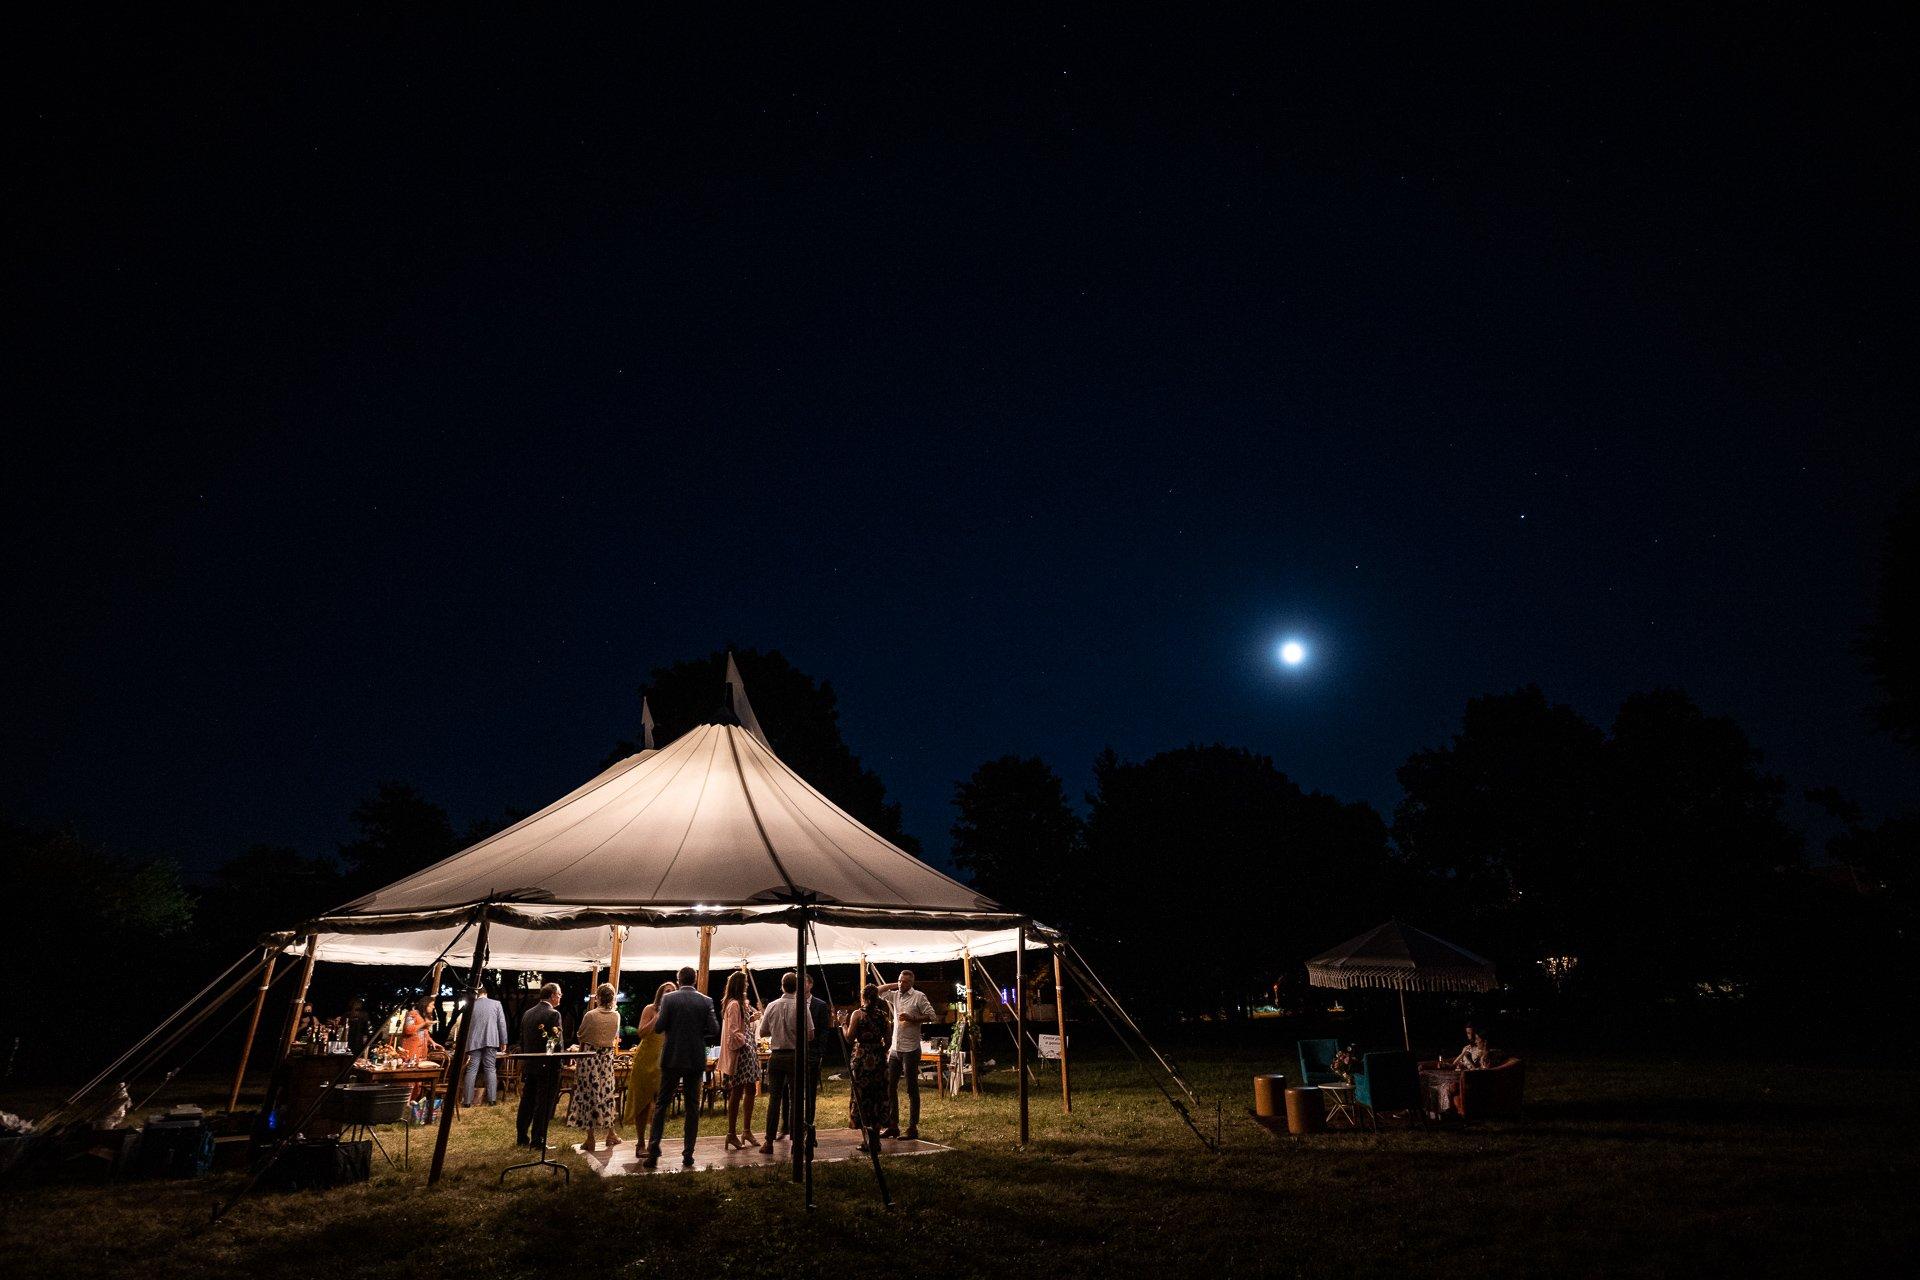 tent under moonlight